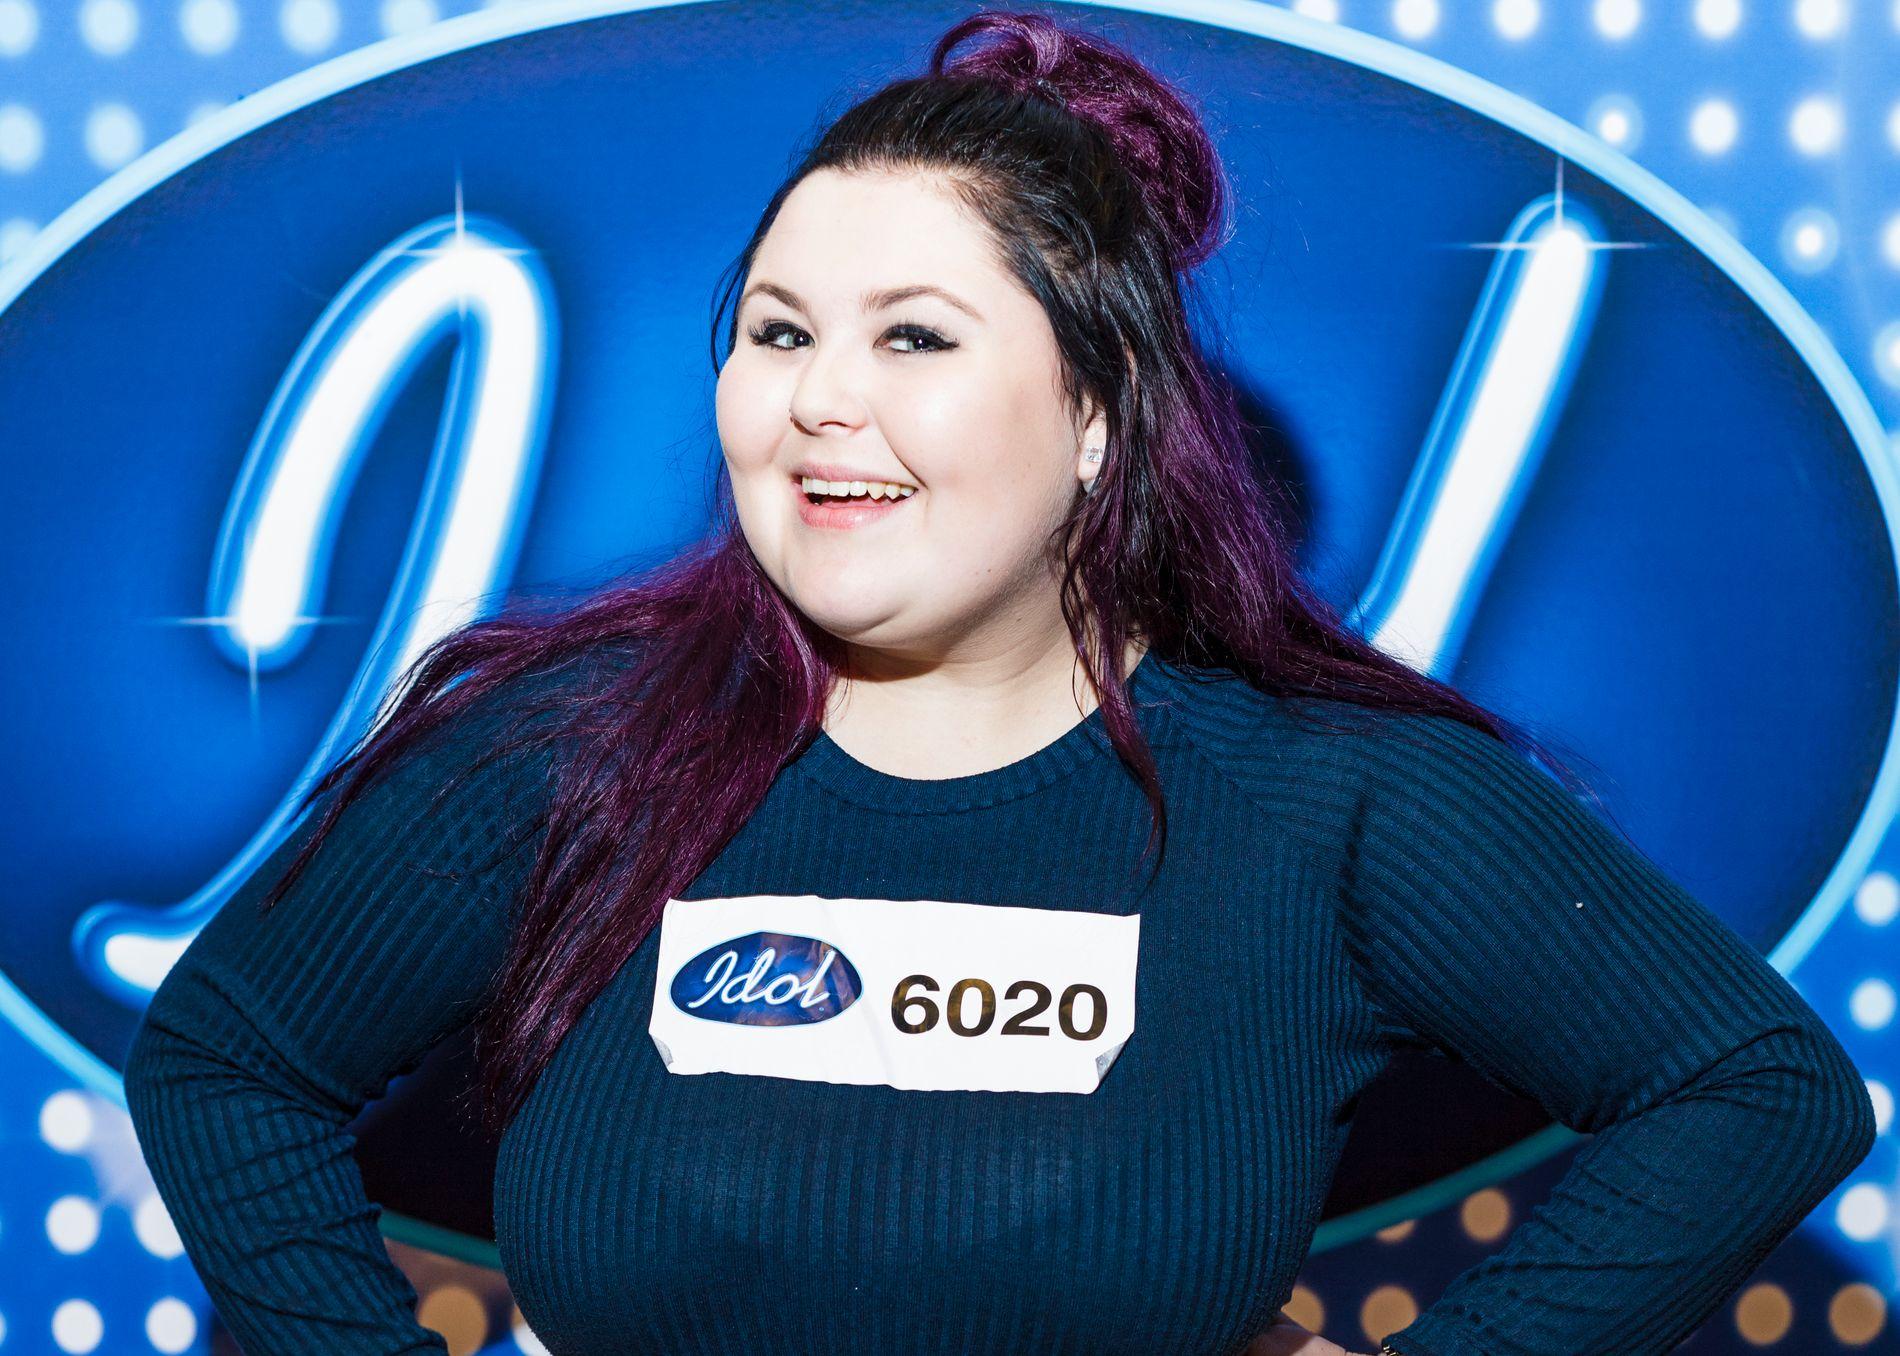 FAVORITT: Julie Stokke har vært blant favorittene helt fra auditionrundene.